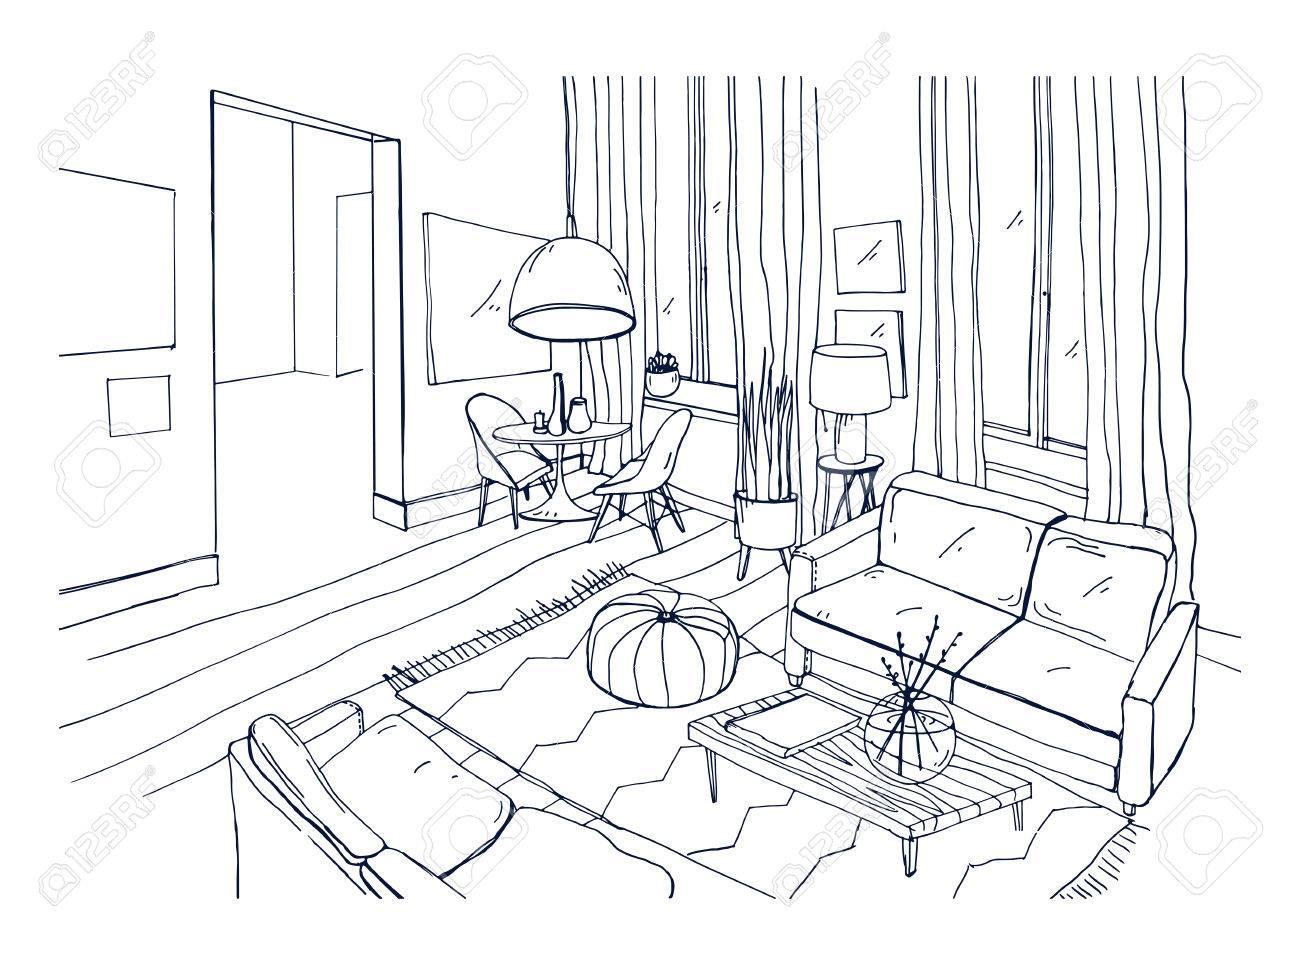 Dessin Avec La Main dessin à main levée de salon plein de meubles confortables et décorations  pour la maison. croquis de l'intérieur de l'appartement moderne dessiné à  la